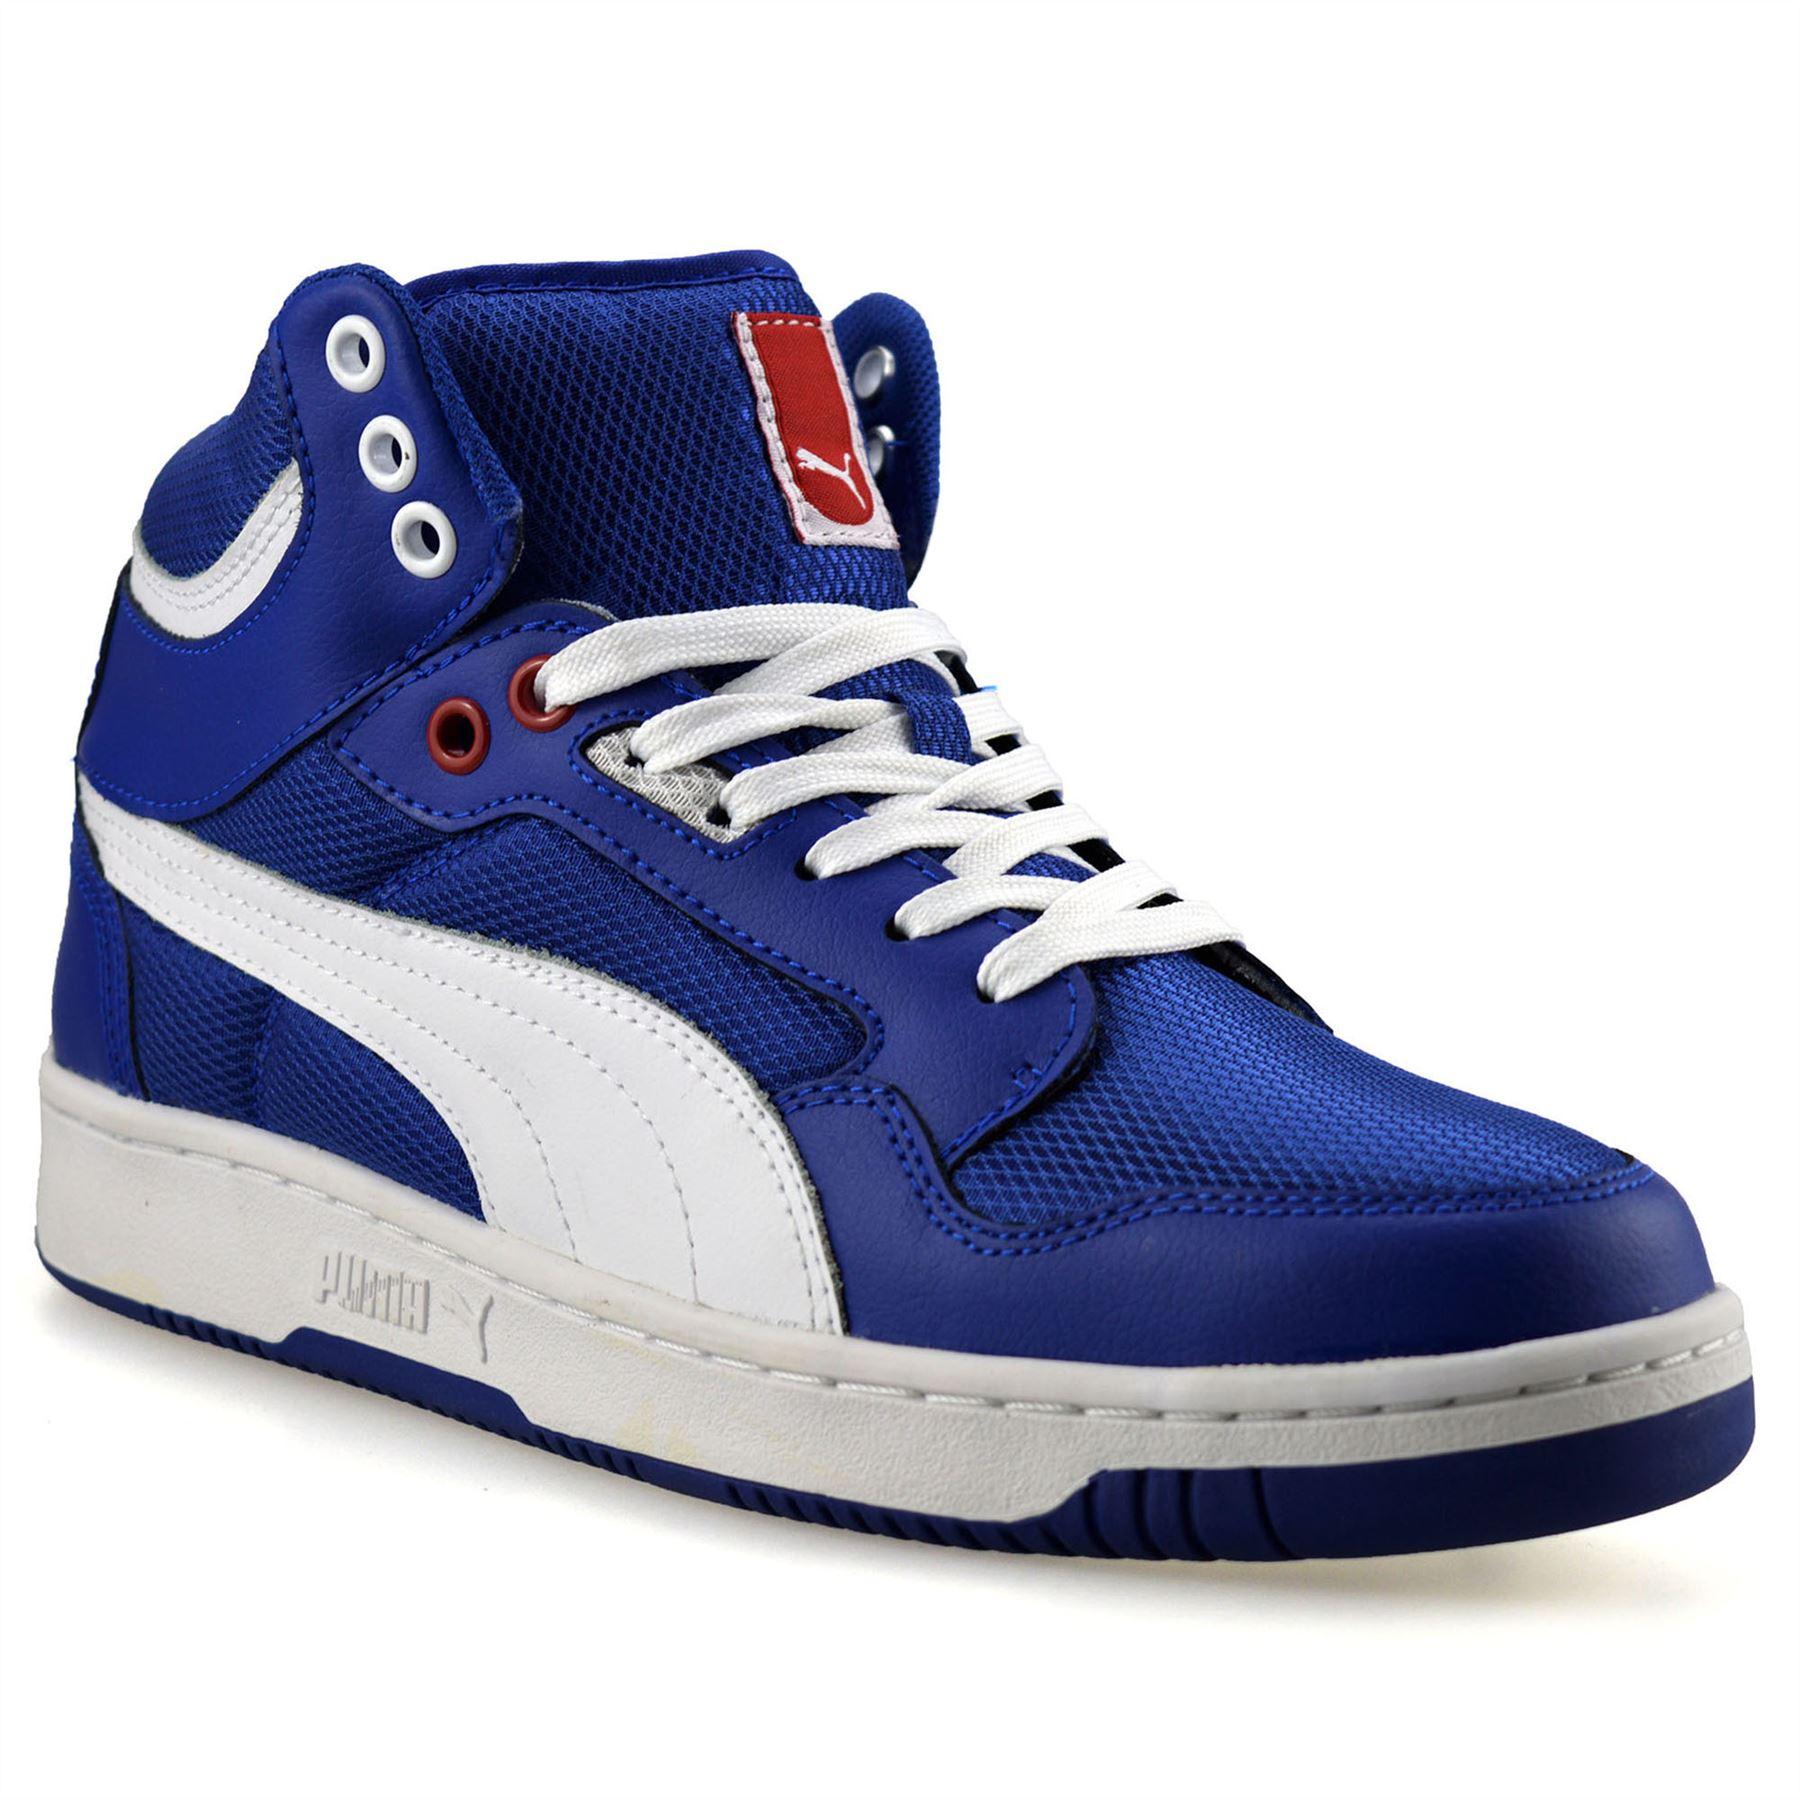 Detalles de Cuero al tobillo para Hombre Puma Rebound Mid Hi Tops Zapatillas Zapatos de baloncesto Skate Talla ver título original